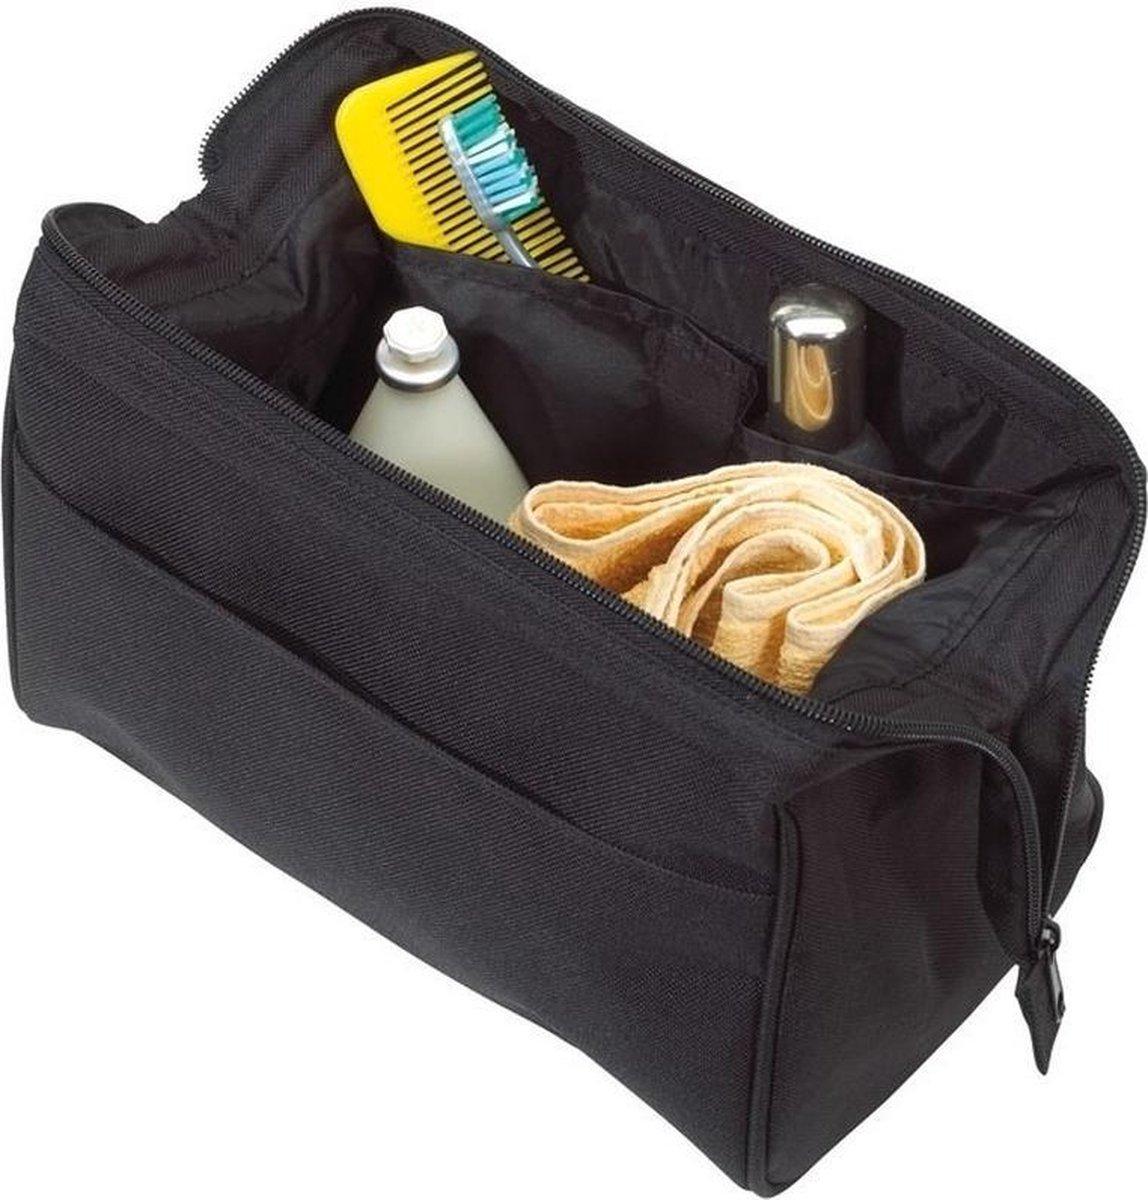 Stevige toilettas/make-up tas zwart met metalen scharniersluiting 25 cm voor heren/dames - Reis toil